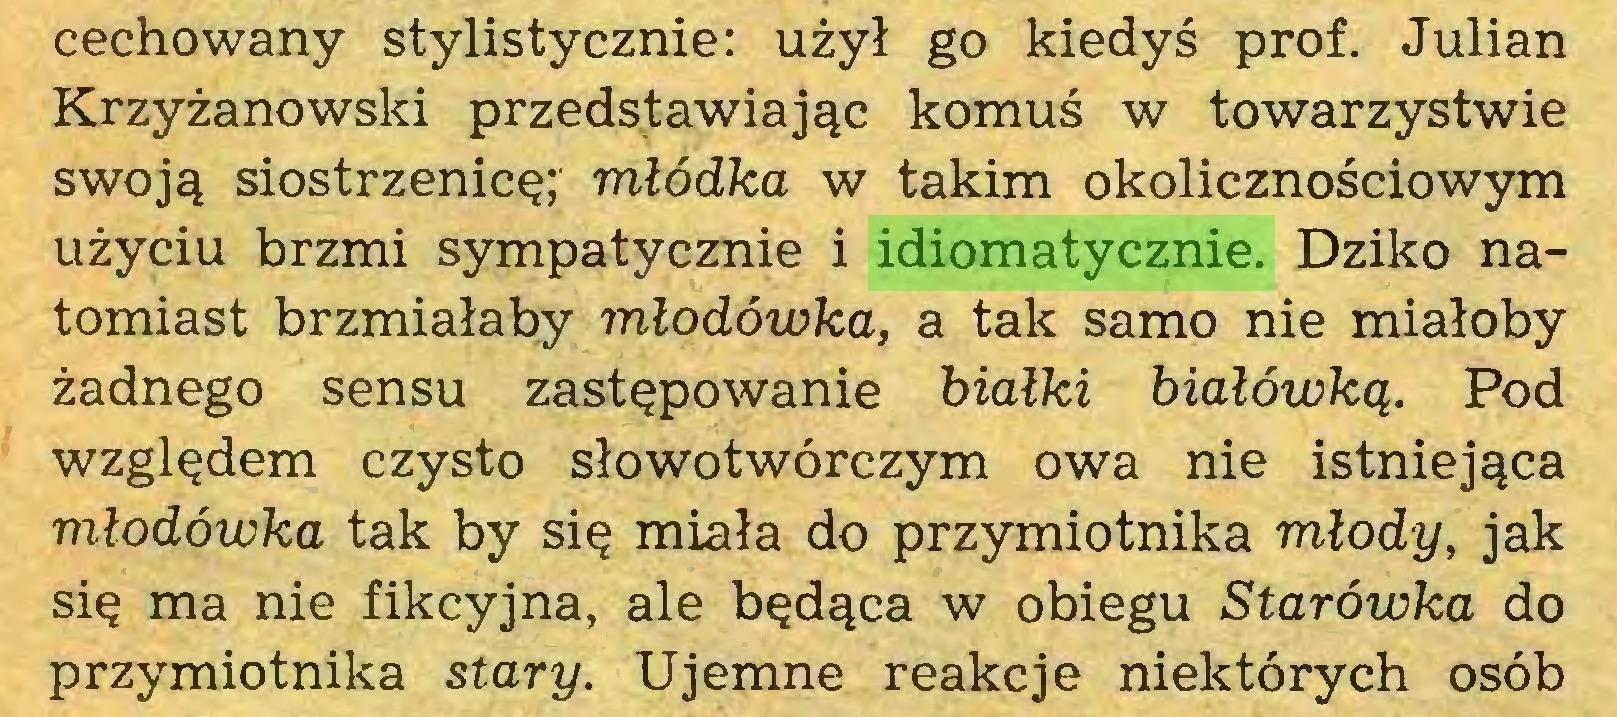 (...) cechowany stylistycznie: użył go kiedyś prof. Julian Krzyżanowski przedstawiając komuś w towarzystwie swoją siostrzenicę; młódka w takim okolicznościowym użyciu brzmi sympatycznie i idiomatycznie. Dziko natomiast brzmiałaby młodówka, a tak samo nie miałoby żadnego sensu zastępowanie białki białówką. Pod względem czysto słowotwórczym owa nie istniejąca młodówka tak by się miała do przymiotnika młody, jak się ma nie fikcyjna, ale będąca w obiegu Starówka do przymiotnika stary. Ujemne reakcje niektórych osób...